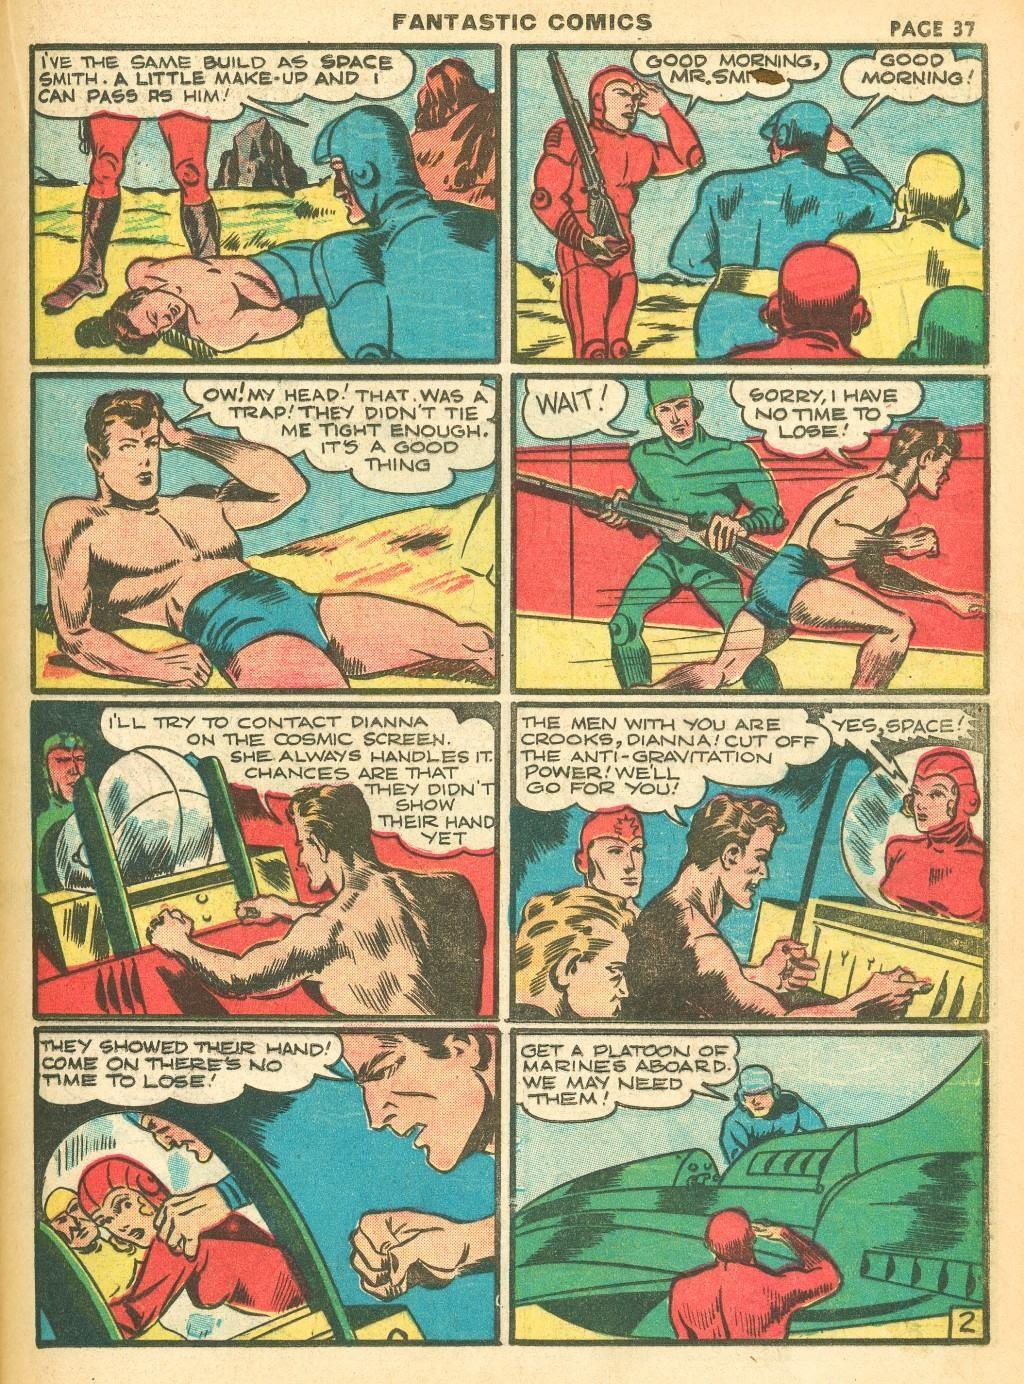 Read online Fantastic Comics comic -  Issue #12 - 39